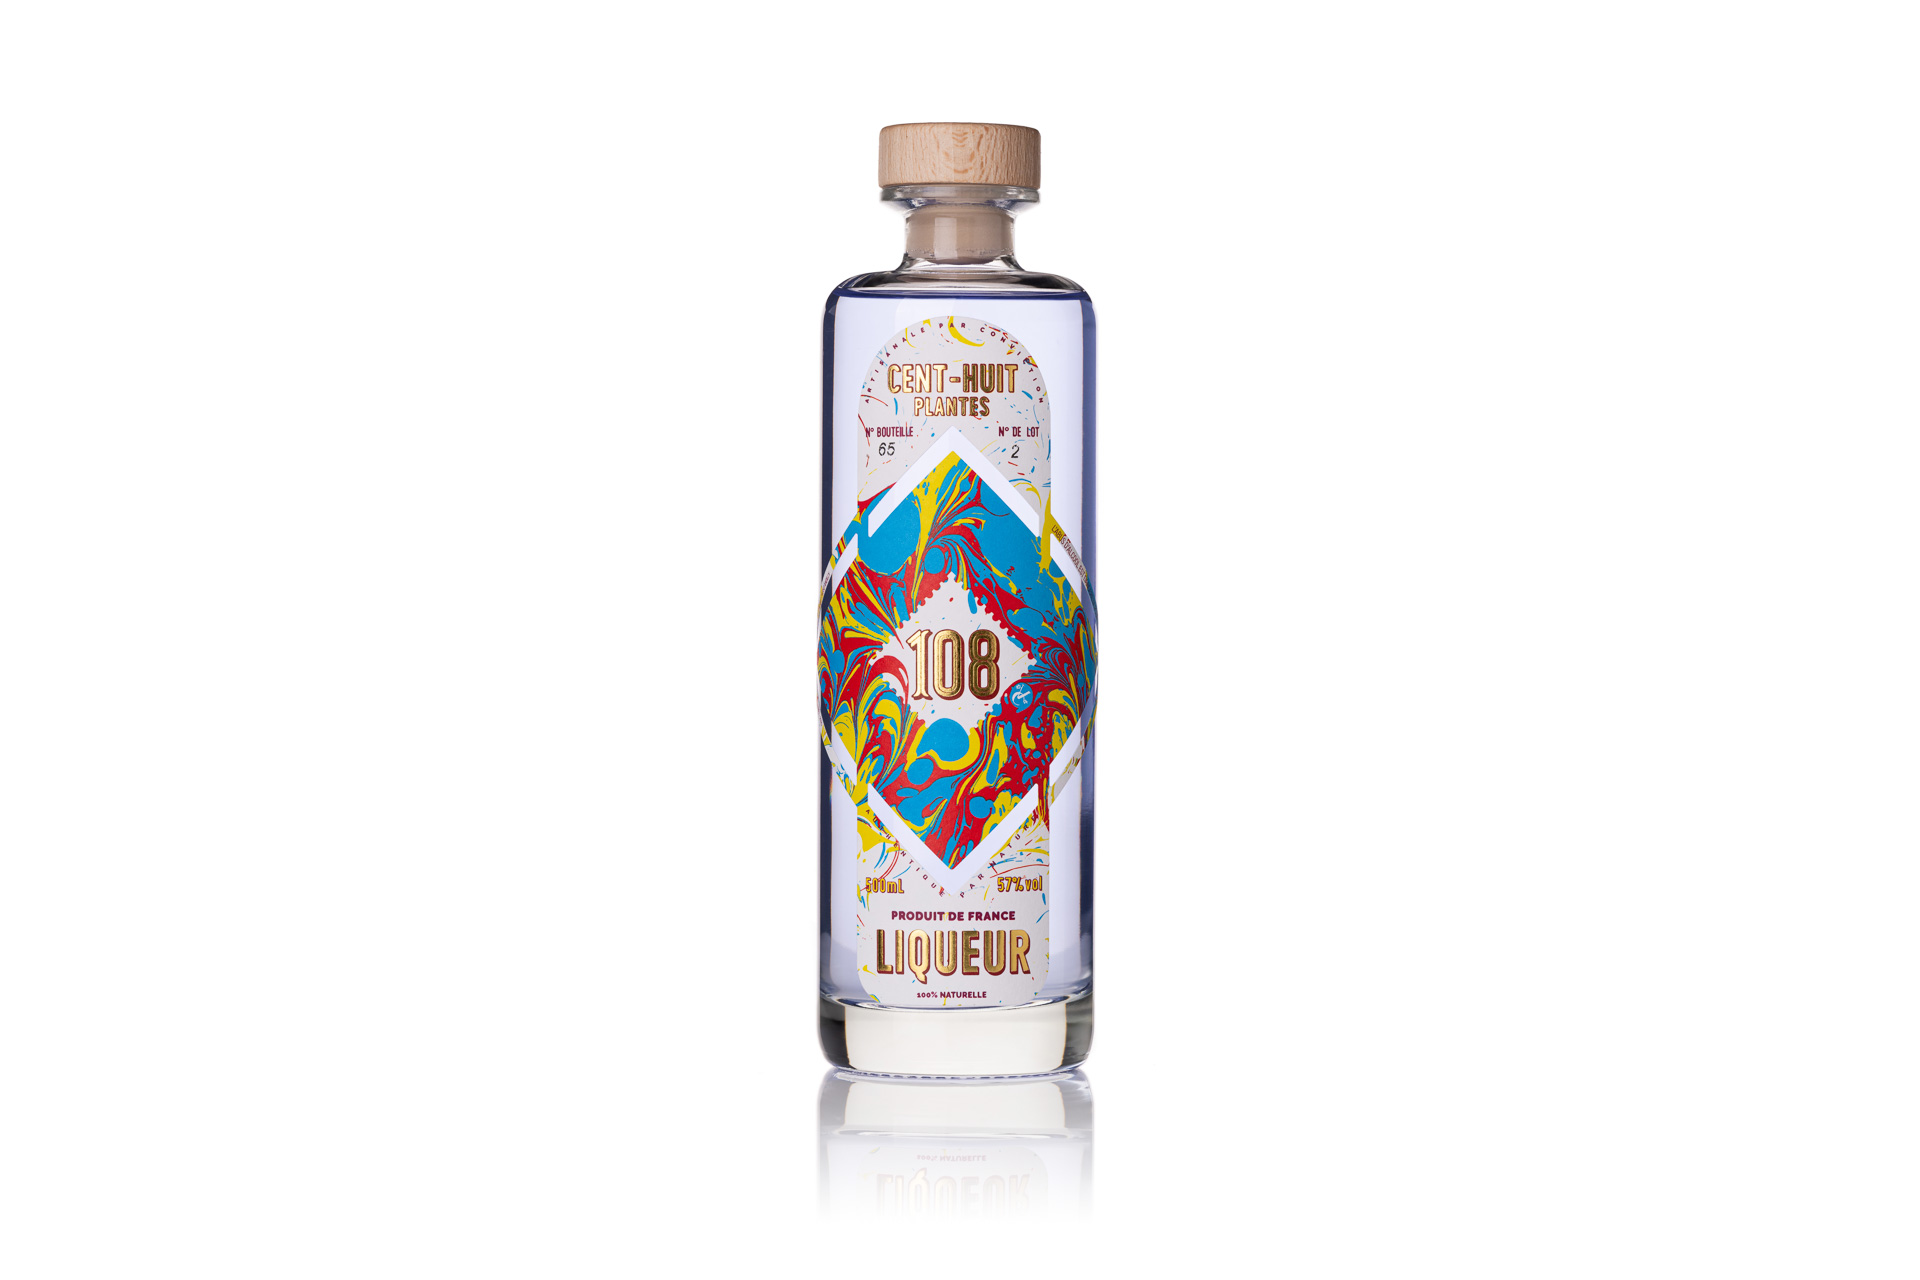 Aurélien AUDY Photographe LYON - packshot produit bouteille spiritueux distillerie alcool liqueur (1)